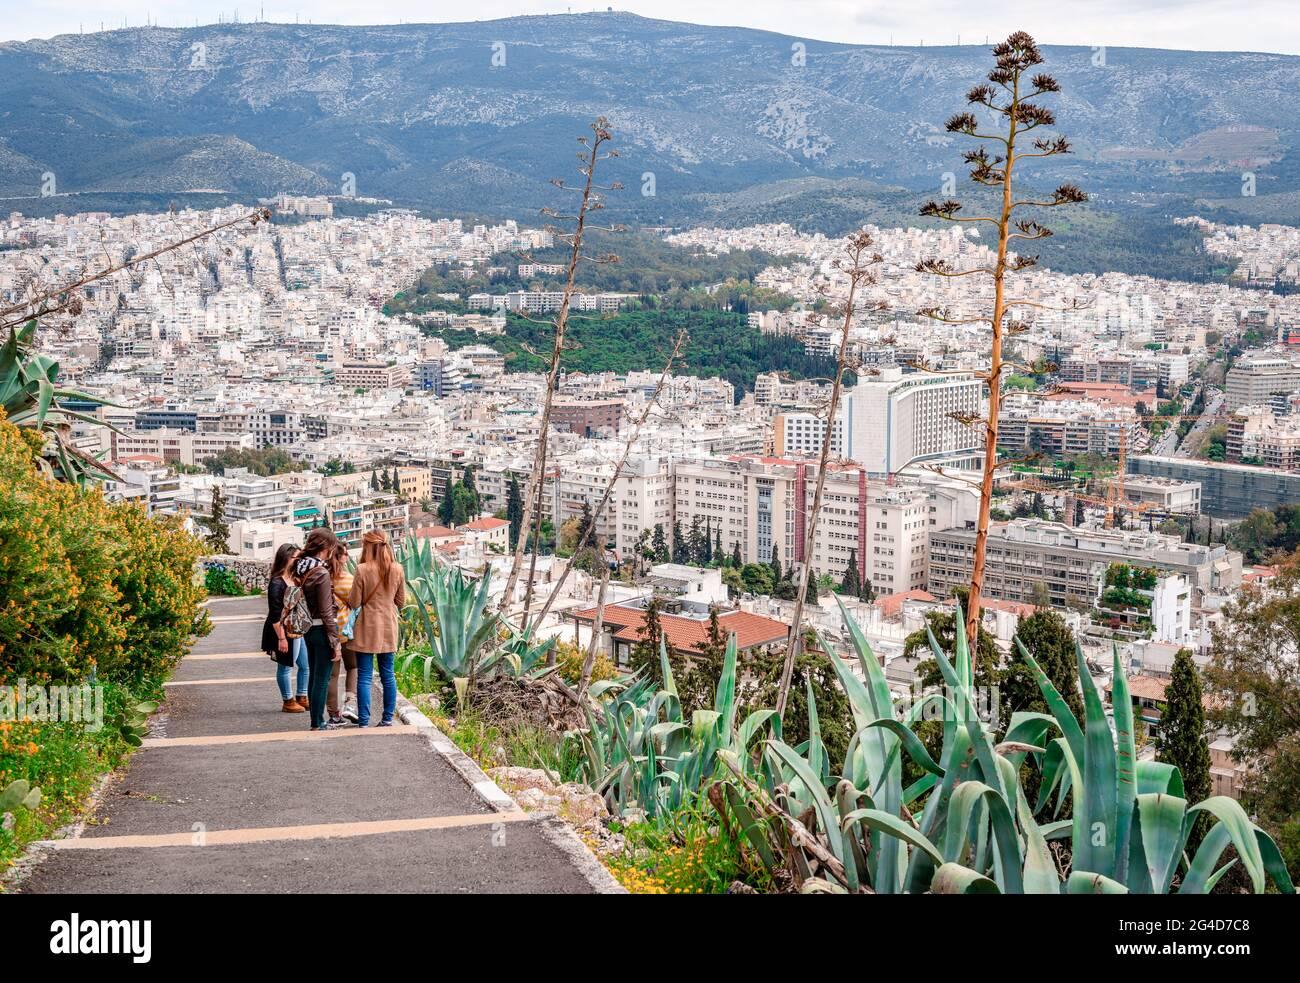 Athènes, Grèce - avril 4 2015 : les jeunes filles profitent de la vue depuis le sentier qui mène au mont Lycabette. Athènes et le mont Hymettus sont dans le backgrou Banque D'Images